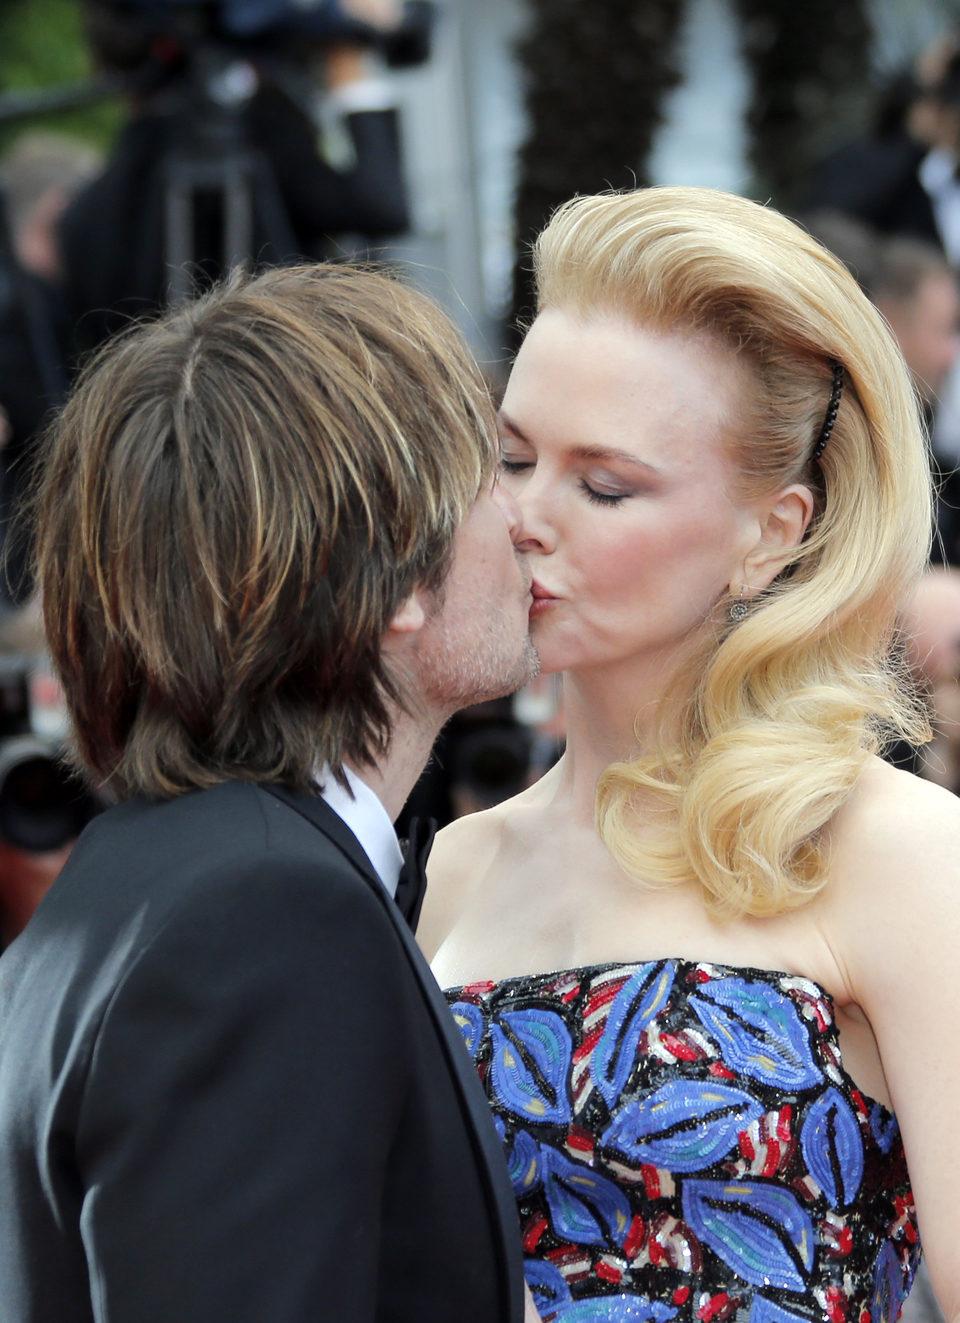 Nicole Kidman besa a Keith Urban en la premiere de 'Inside Llewyn Davis' en el Festival de Cannes 2013